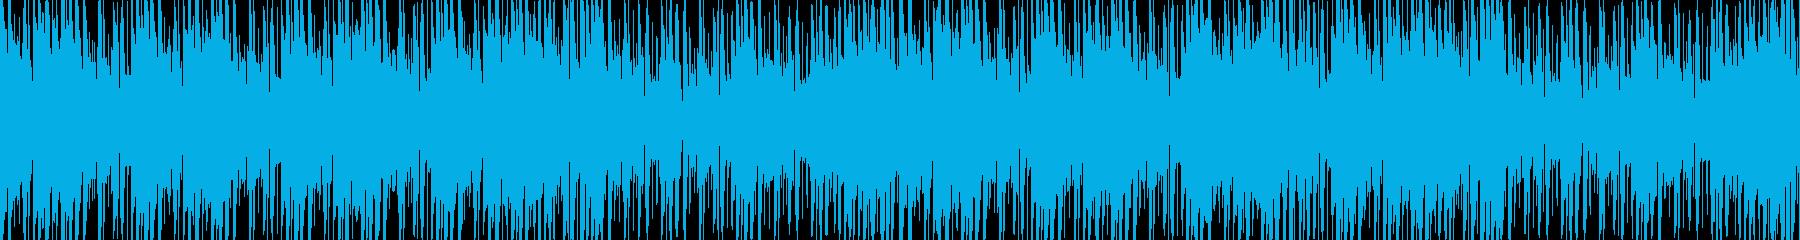 和風でノリの良いループ楽曲の再生済みの波形